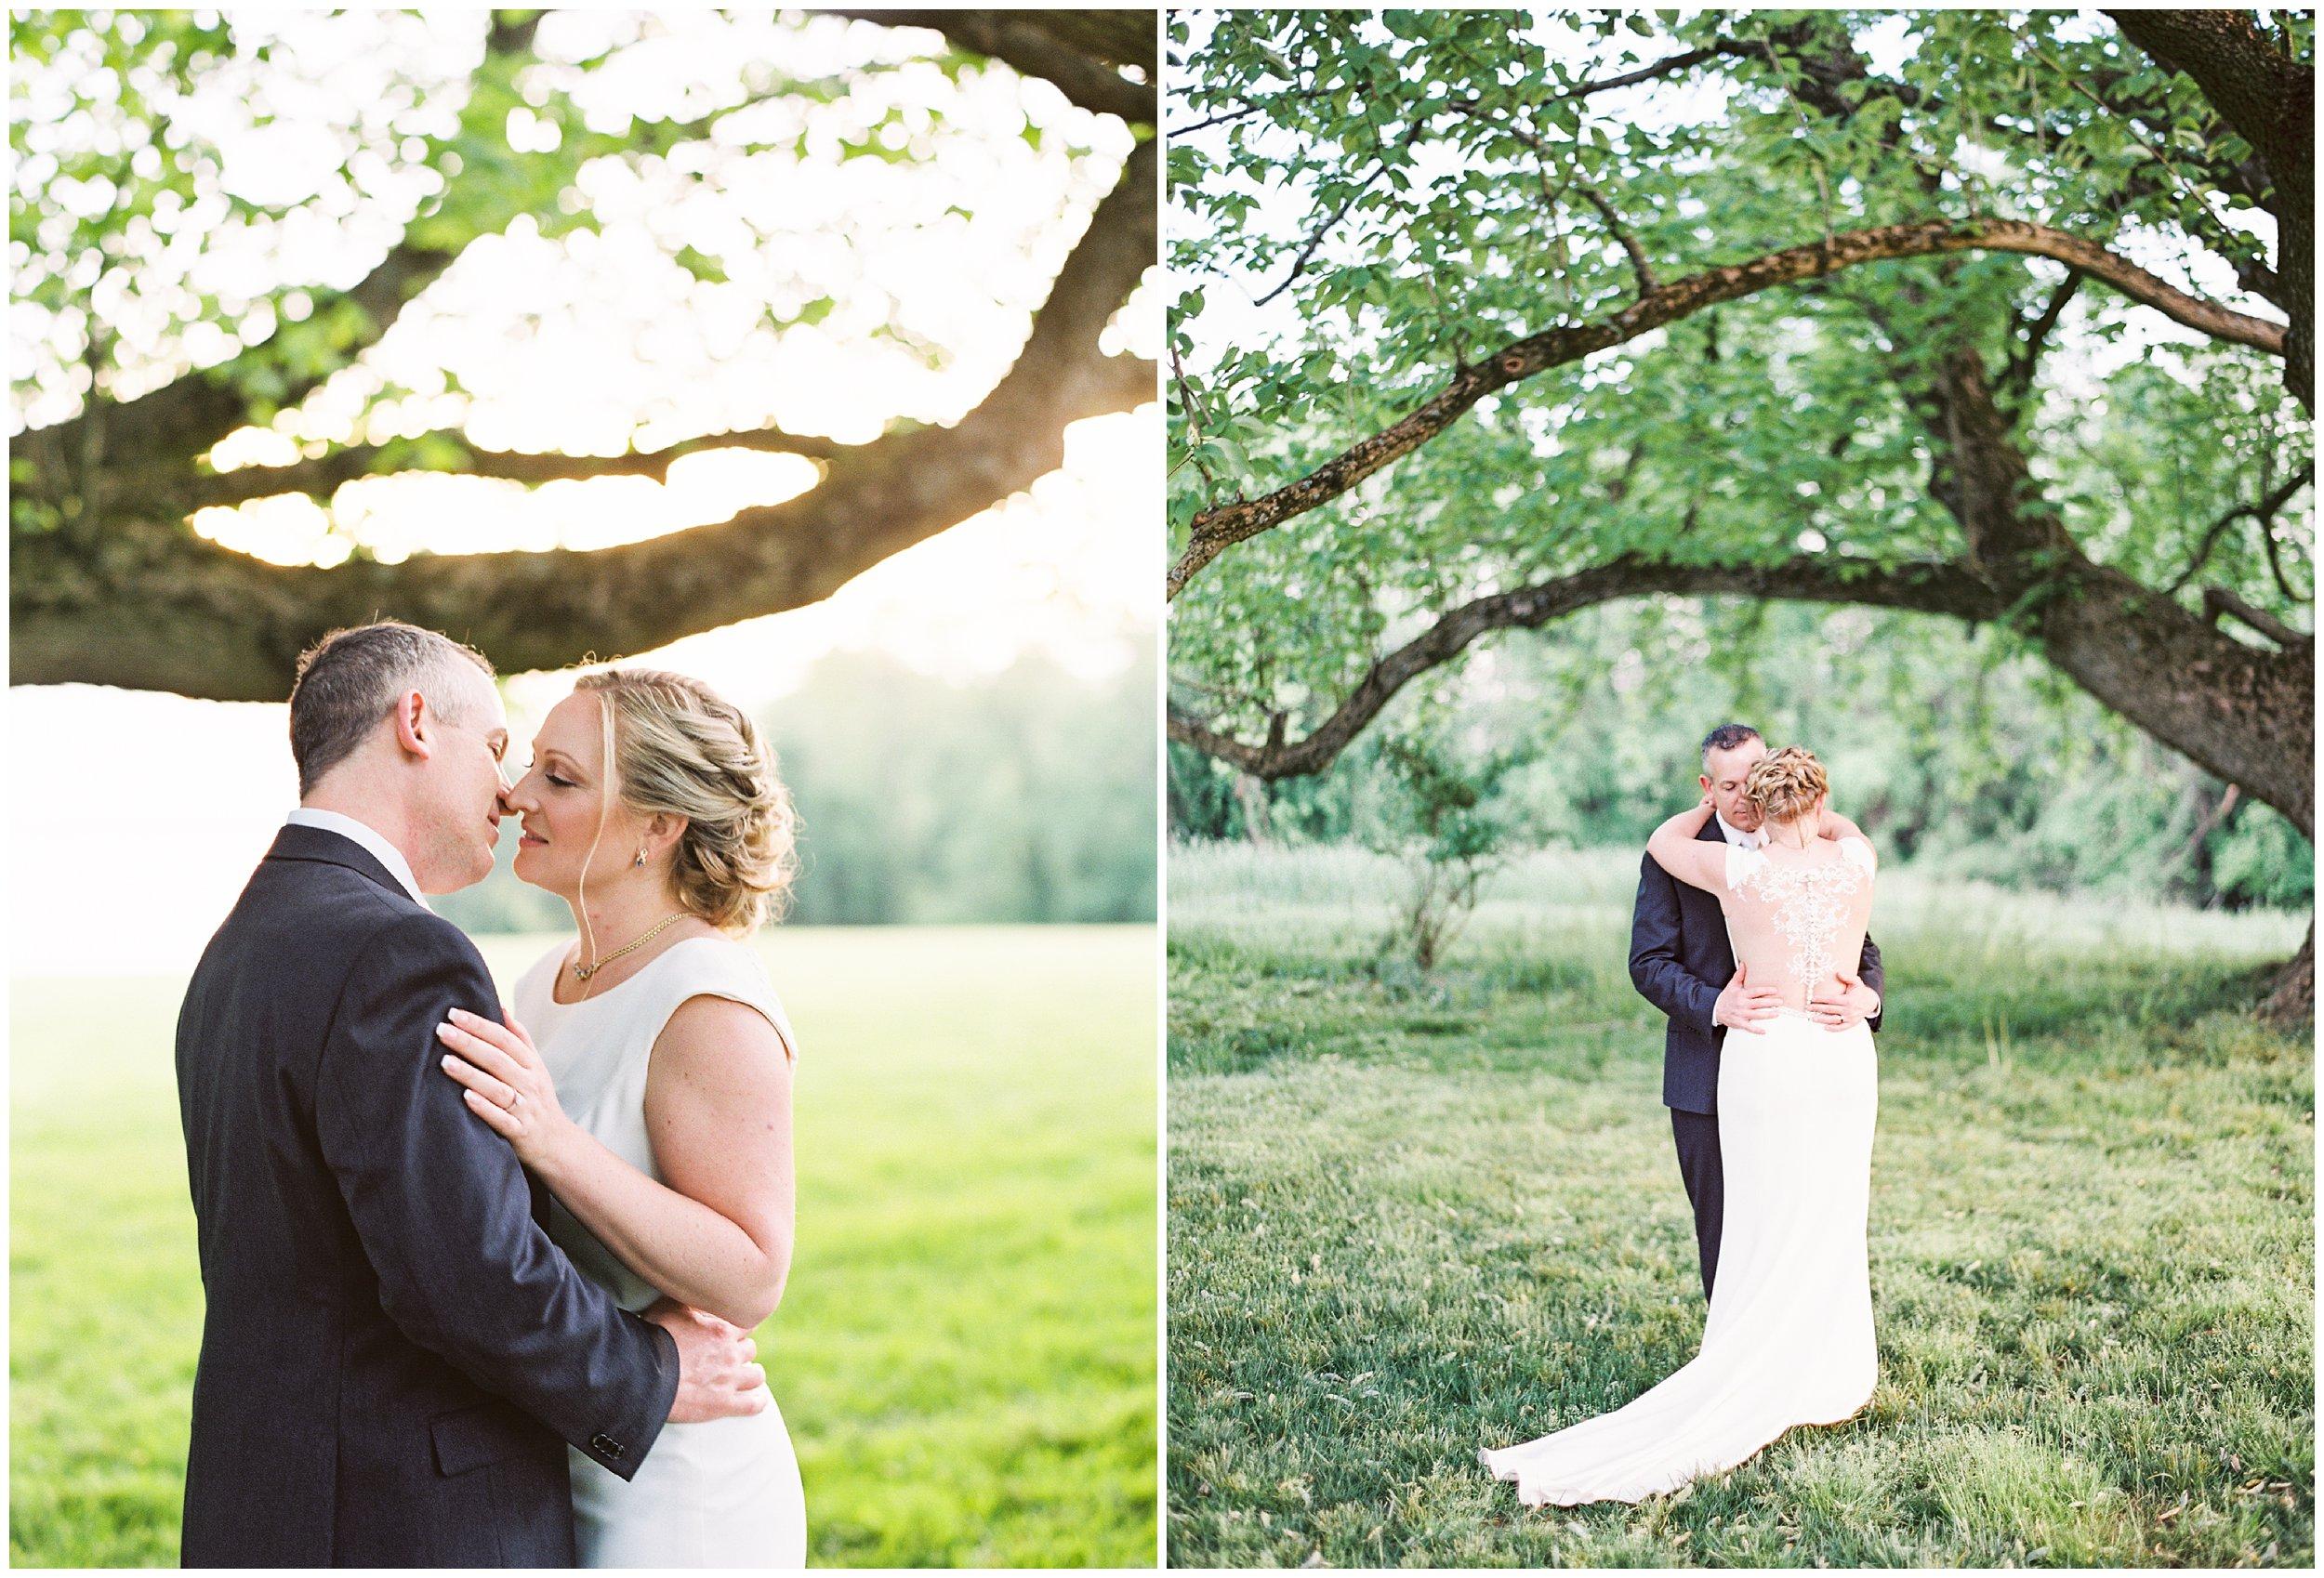 newlyweds under large tree wedding portraits